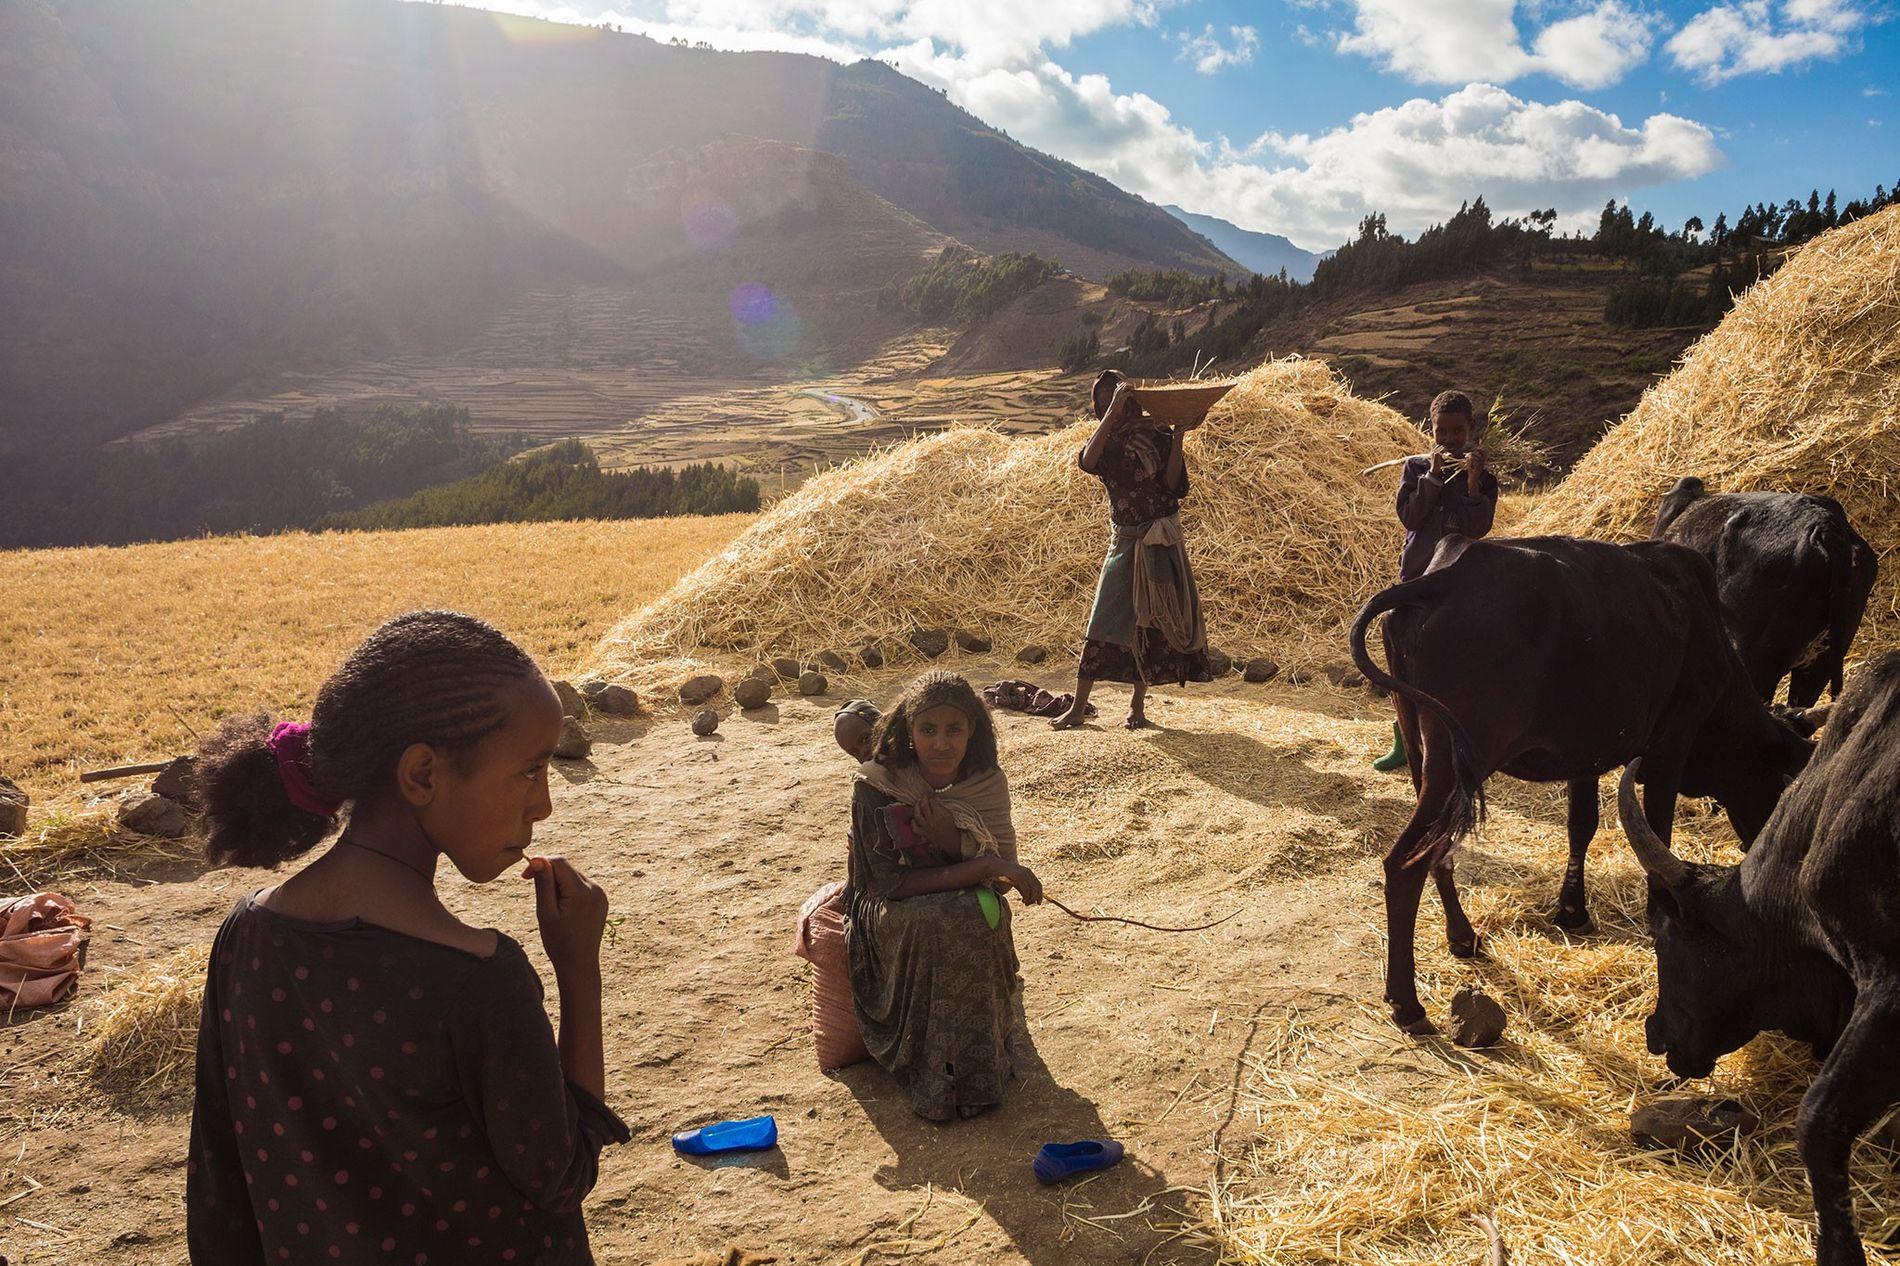 Mit Handwerkzeugen und Zugtieren erntet eine Familie im äthiopischen Hochland Getreide. Die Bewohner der Region werden ...